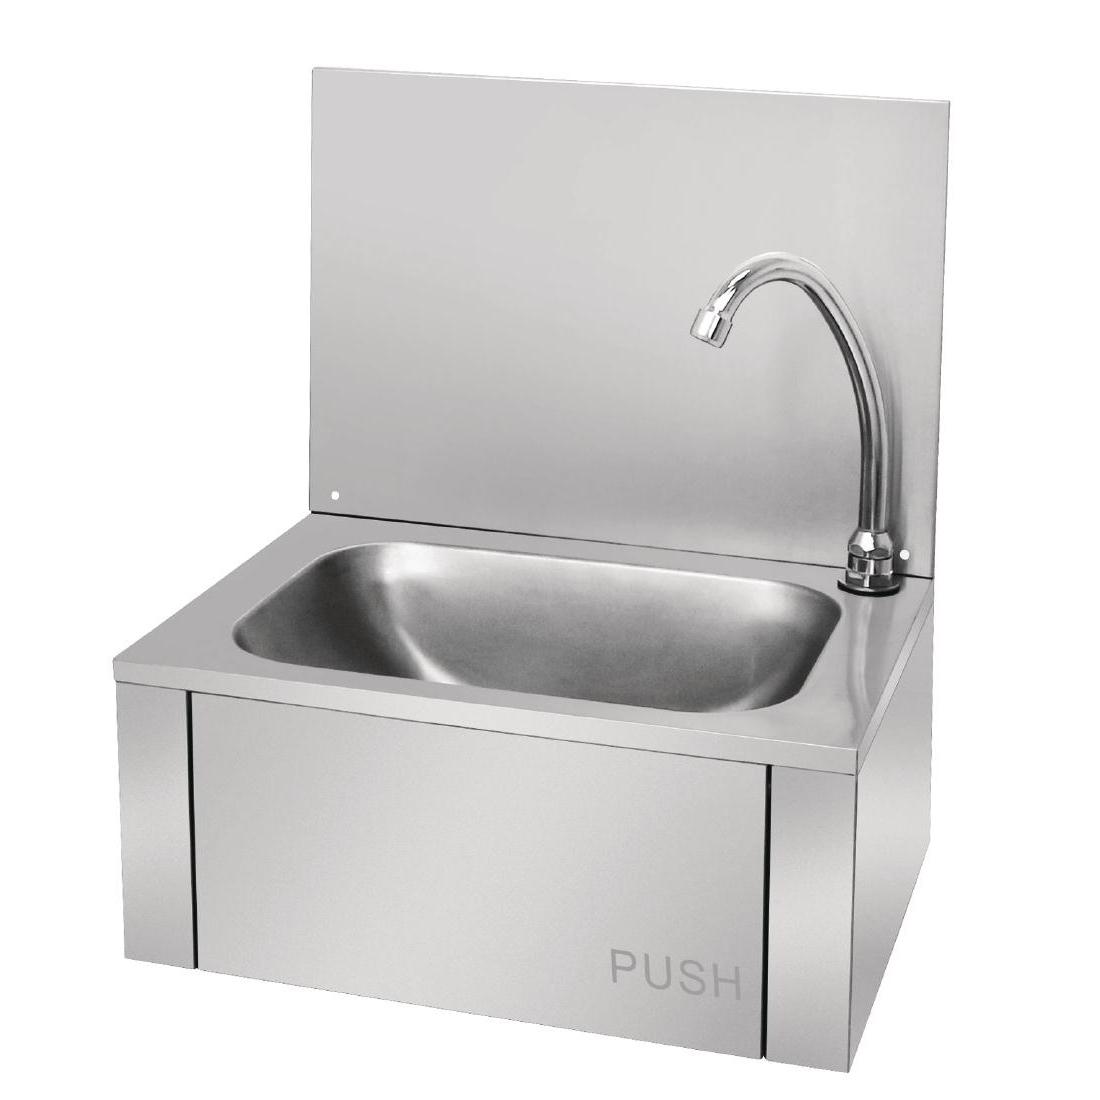 Lave-mains commande fémorale Vogue